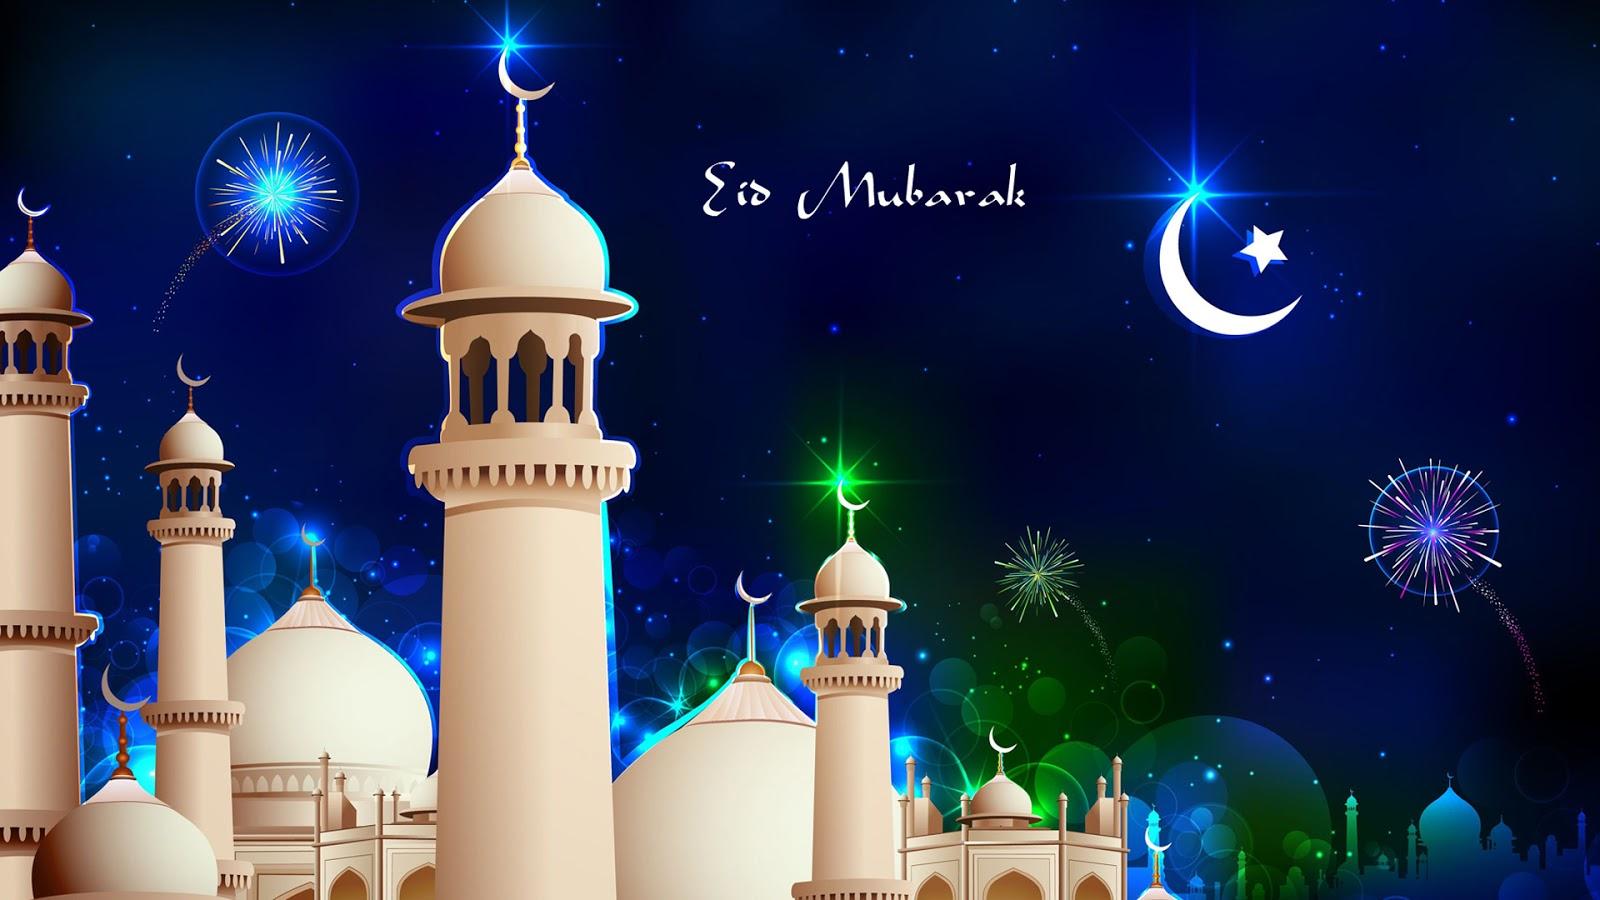 Ramadan Mubarak Hd Images 2017 - Ramzan Mubarak Wallpapers Free ... for Ramadan Kareem Wallpapers Hd  34eri